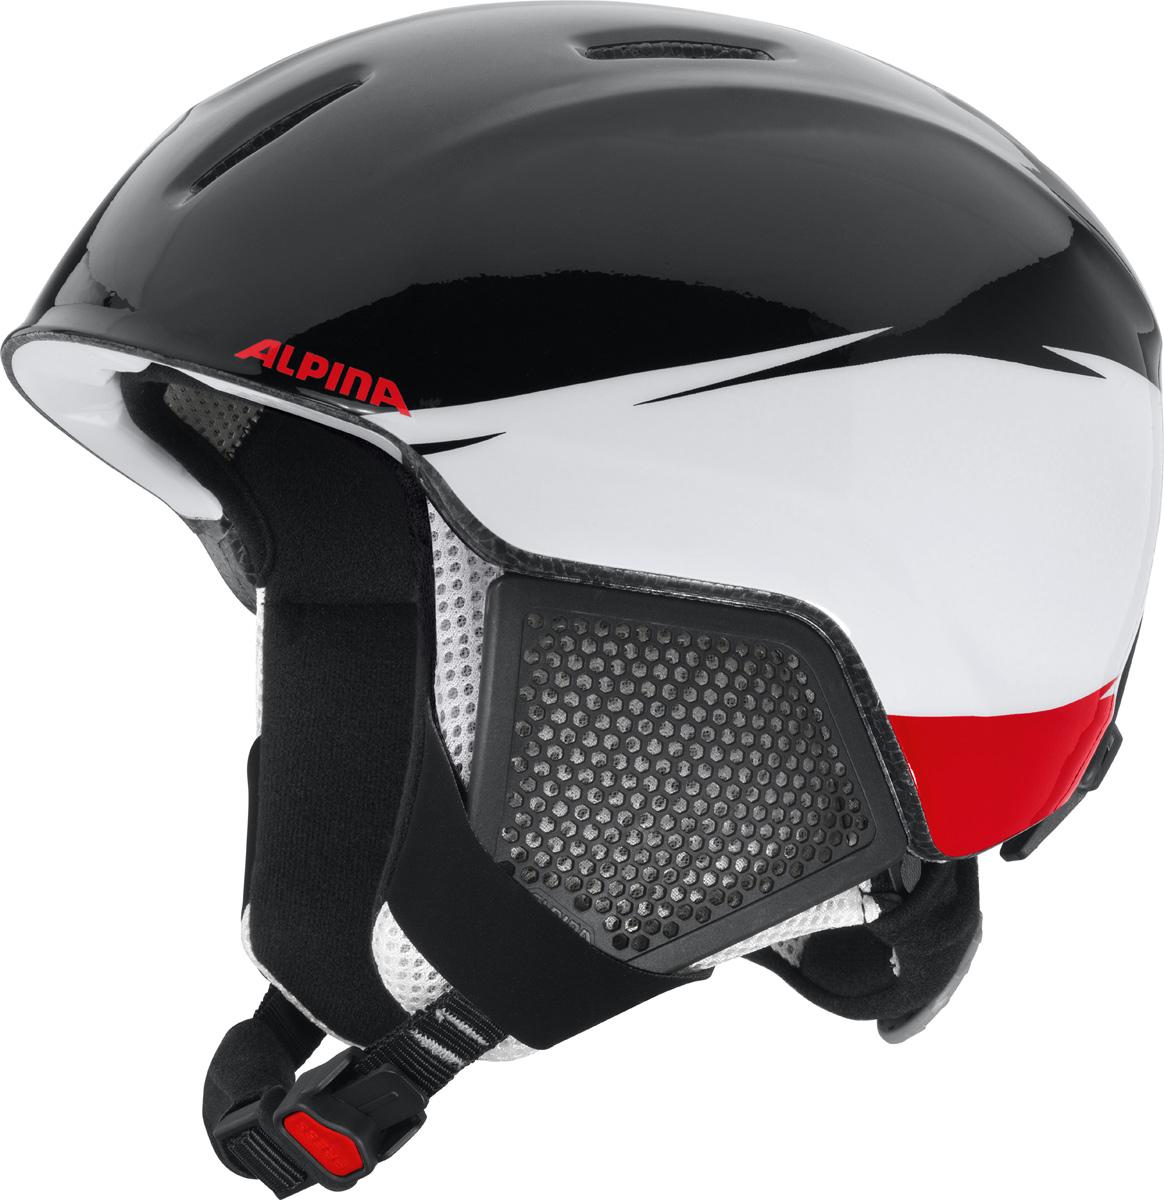 Шлем горнолыжный детский Alpina Carat LX, цвет: черный, белый, красный. A9081_50. Размер 48-52A9081_50Серия детских и подростковых шлемов Carat пополнилась моделью LX. Главным нововведением стало использование перфорации в жестких наушниках, которые по-прежнему обеспечивают высокую степень защиты, но при этом позволяют слышать все вокруг. Вентиляционные отверстия препятствуют перегреву и позволяют поддерживать идеальную температуру внутри шлема. Для этого инженеры Alpina используют эффект Вентури, чтобы сделать циркуляцию воздуха постоянной и максимально эффективной. Внутренник шлема легко вынимается, стирается, сушится и вставляется обратно. Из задней части шлема можно достать шейный утеплитель из мягкого микро-флиса. Этот теплый воротник также защищает шею от ударов на высокой скорости и при сибирских морозах. В удобной конструкции отсутствуют точки давления на шею. Прочная и легкая конструкция In-mold. Тонкая и прочная поликарбонатная оболочка под воздействием высокой температуры и давления буквально сплавляется с гранулами EPS, которые гасят ударную нагрузку. Внутренняя оболочка каждого шлема Alpina состоит из гранул HI-EPS (сильно вспененного полистирола). Микроскопические воздушные карманы эффективно поглощают ударную нагрузку и обеспечивают высокую теплоизоляцию. Эта технология позволяет достичь минимальной толщины оболочки. А так как гранулы HI-EPS не впитывают влагу, их защитный эффект не ослабевает со временем. Удобная и точная система регулировки Run System Ergo Snow позволяет быстро и комфортно подогнать шлем по голове, без создания отдельных точек избыточного давления. Y-образный ремнераспределитель двух ремешков находится под ухом и обеспечивает быструю и точную посадку шлема на голове. Вместо фастекса на ремешке используется красная кнопка с автоматическим запирающим механизмом, которую легко использовать даже в лыжных перчатках. Механизм защищён от произвольного раскрытия при падении.Как выбрать горные лыжи для ребёнка. Статья OZON Гид